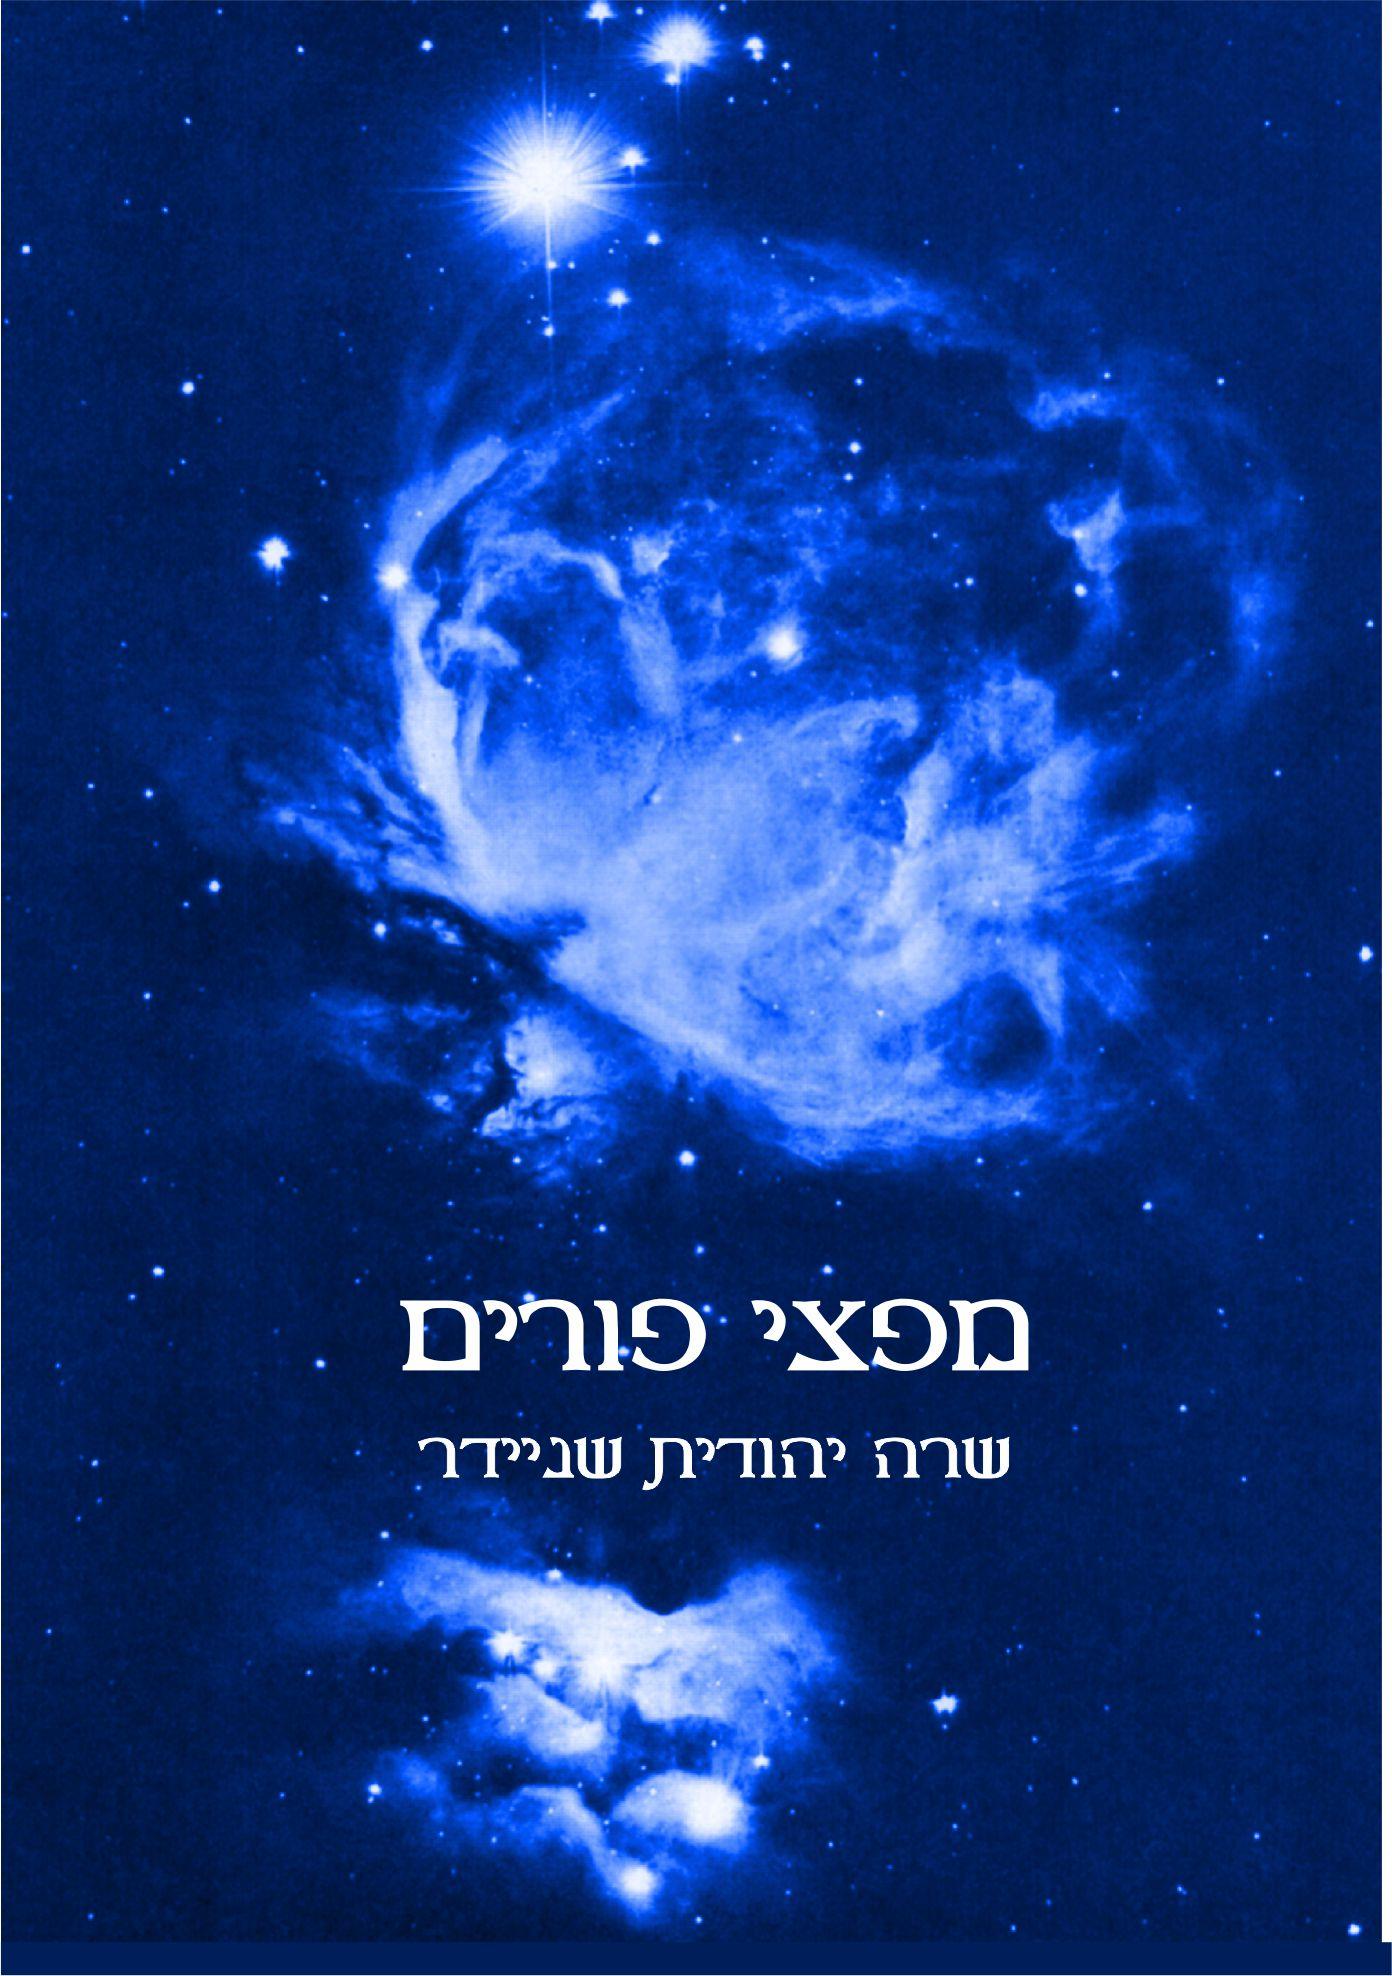 ספרים בעברית לקניה